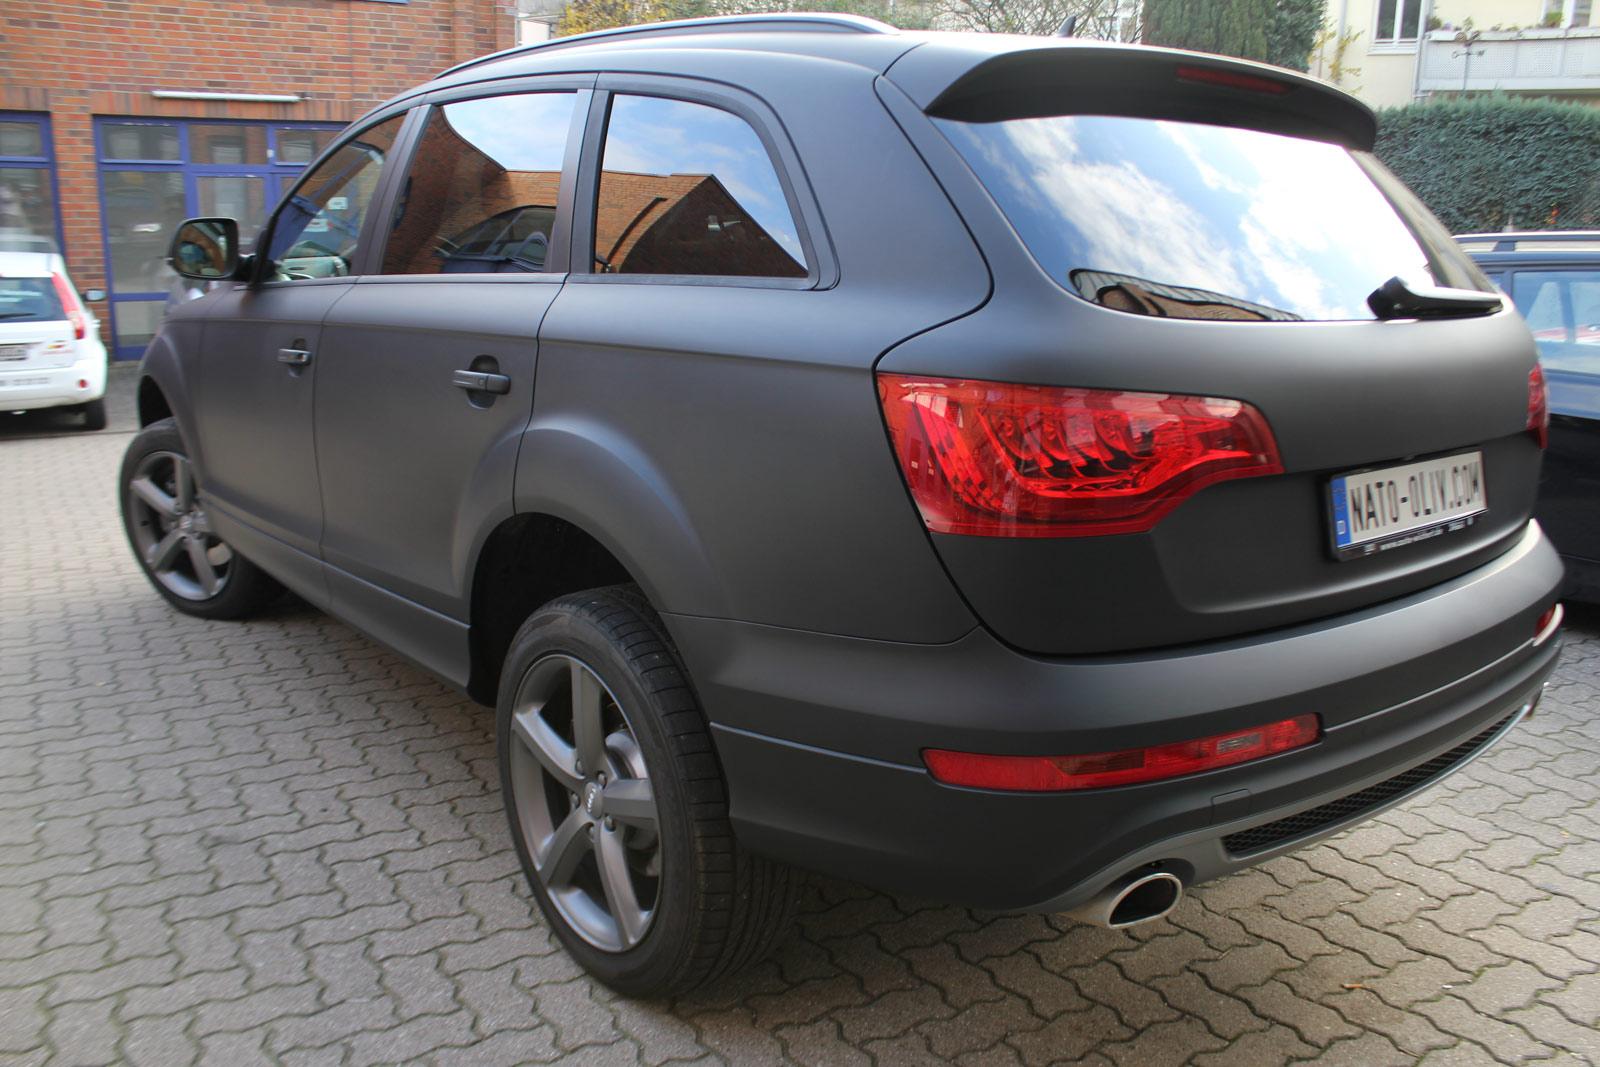 Audi_Q7_Folienbeklebung_Schwarz_Ultramatt_28